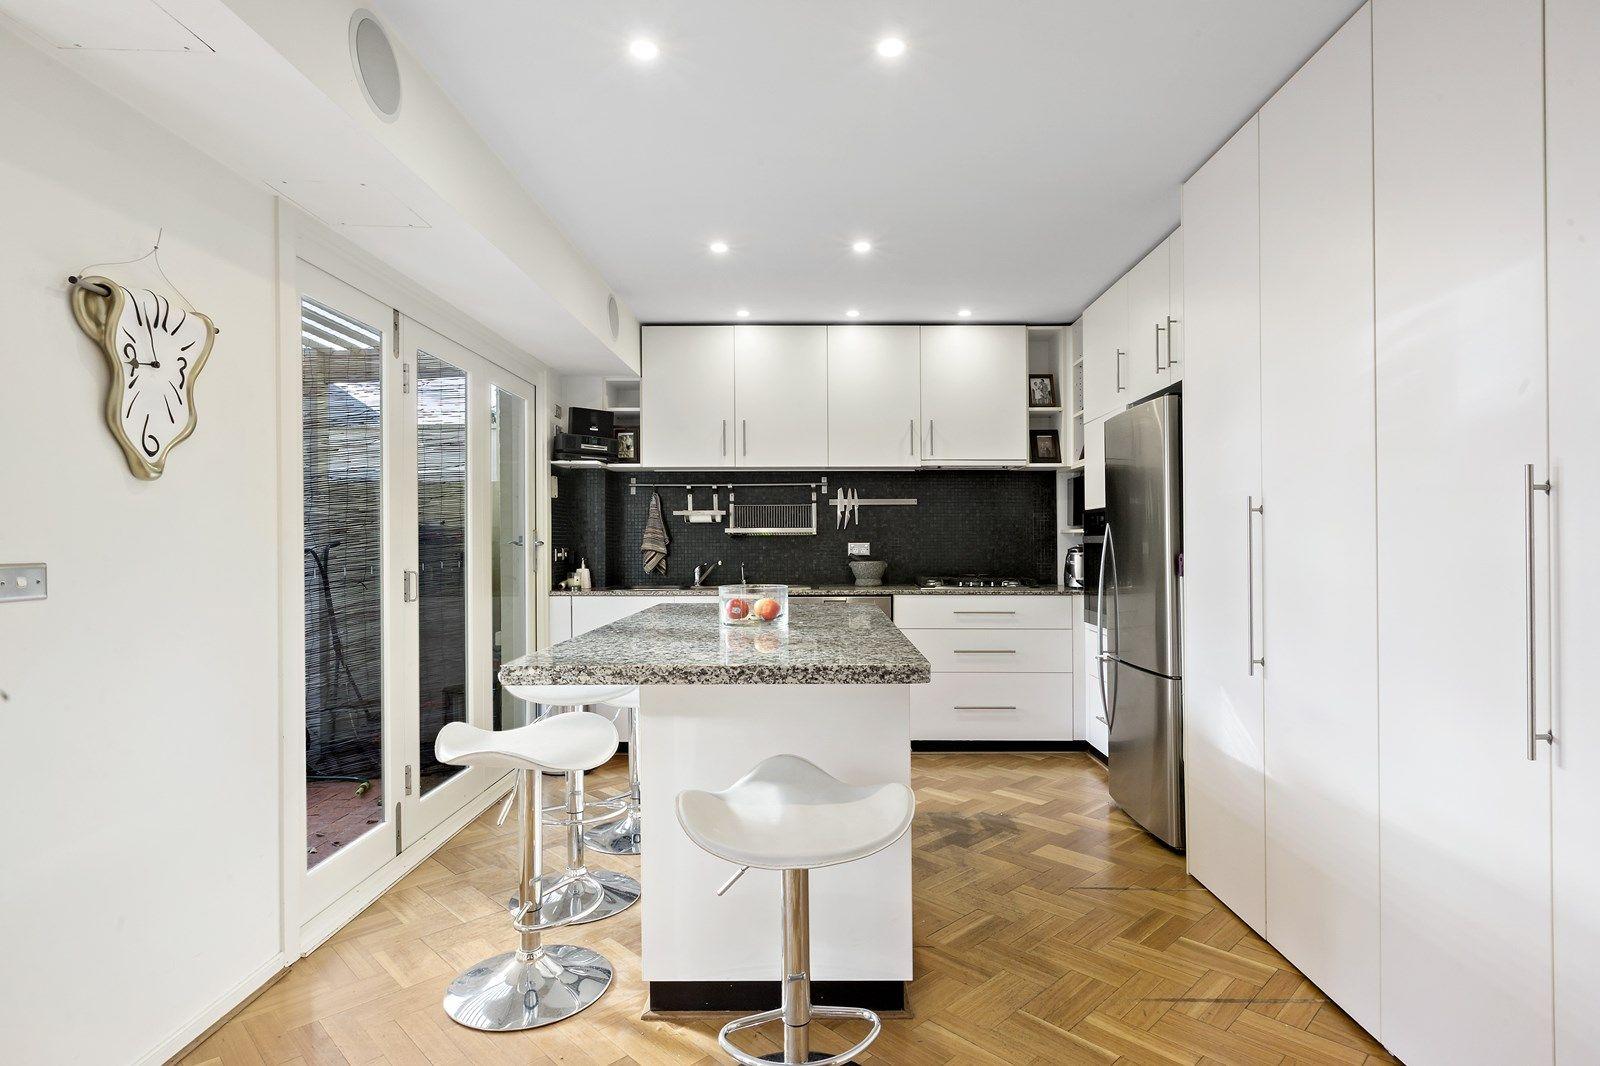 6/6 Ewenton Street, Balmain NSW 2041, Image 1